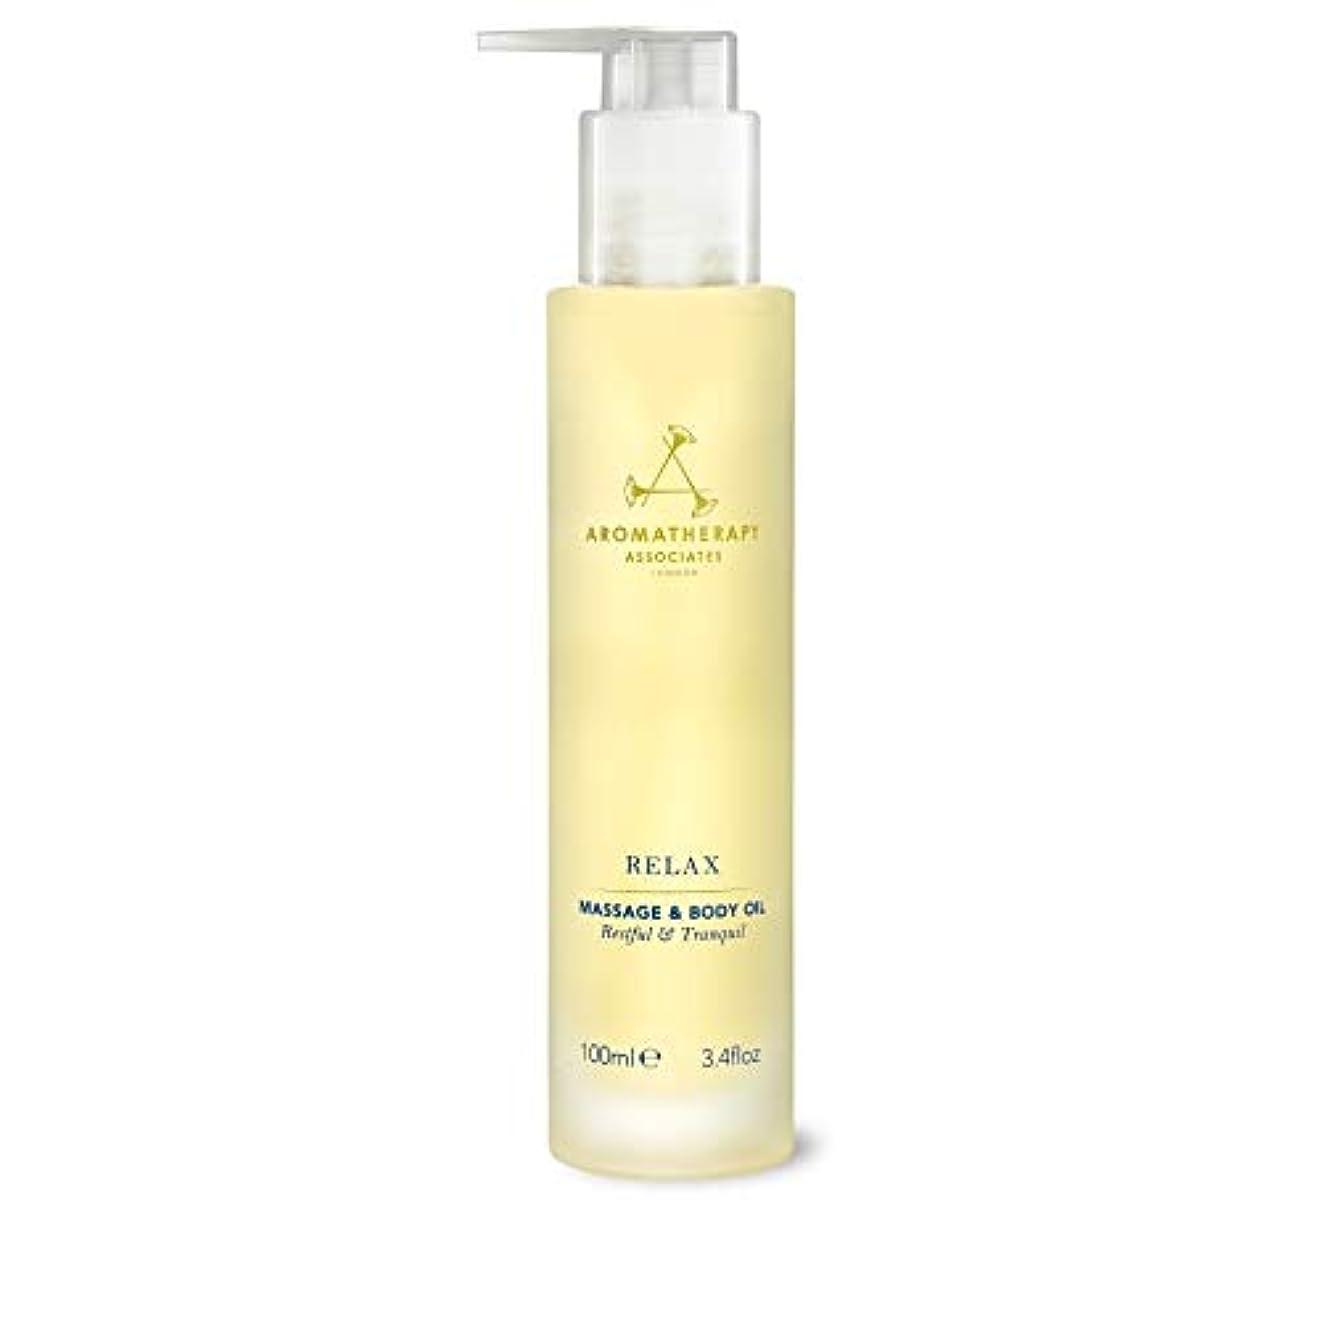 アラームゾーン相談[Aromatherapy Associates] アロマセラピーアソシエイツ深い浄化の洗顔、アロマセラピーアソシエイツ - Aromatherapy Associates Deep Cleanse Face Wash,...